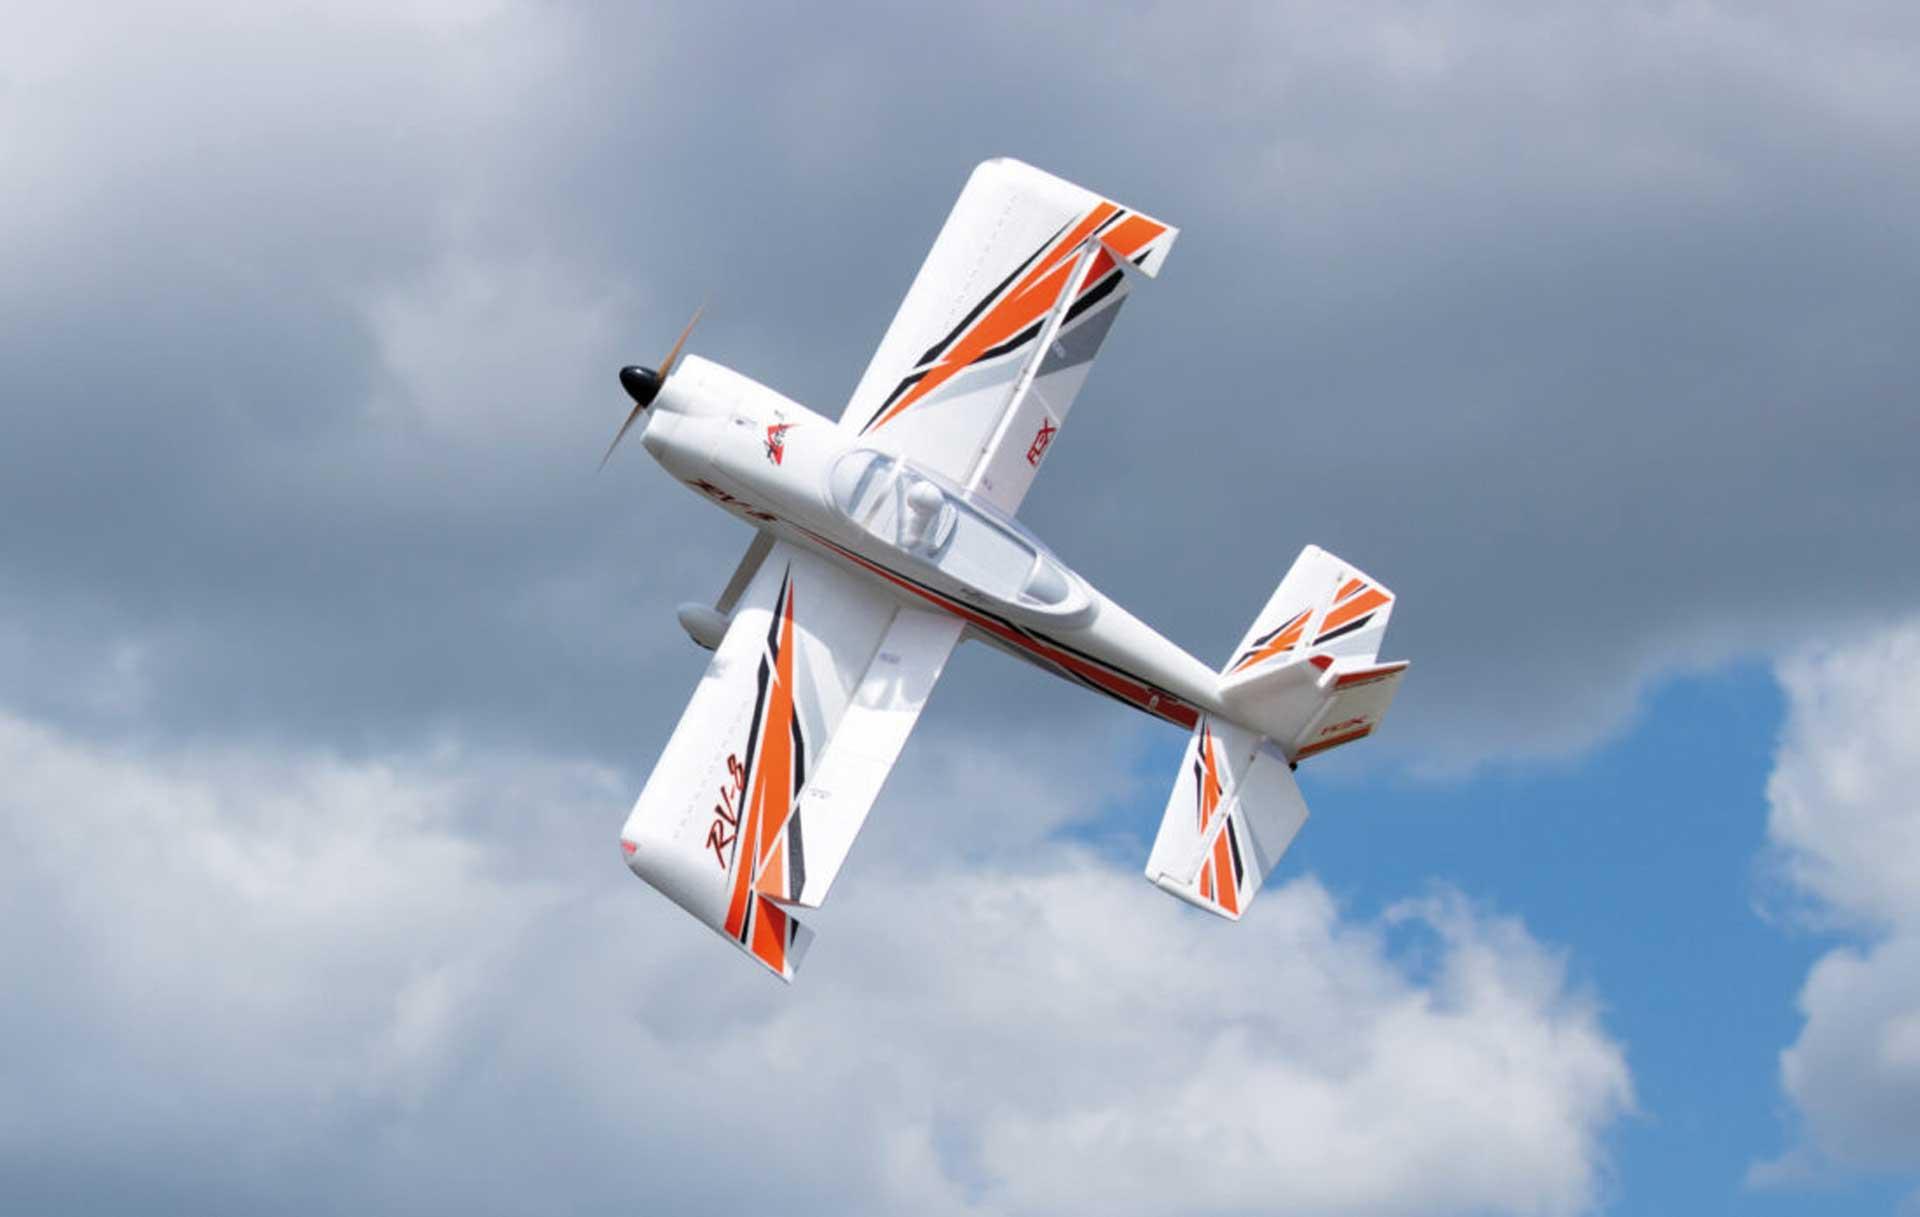 RV-8 10E Super Premier Aircraft